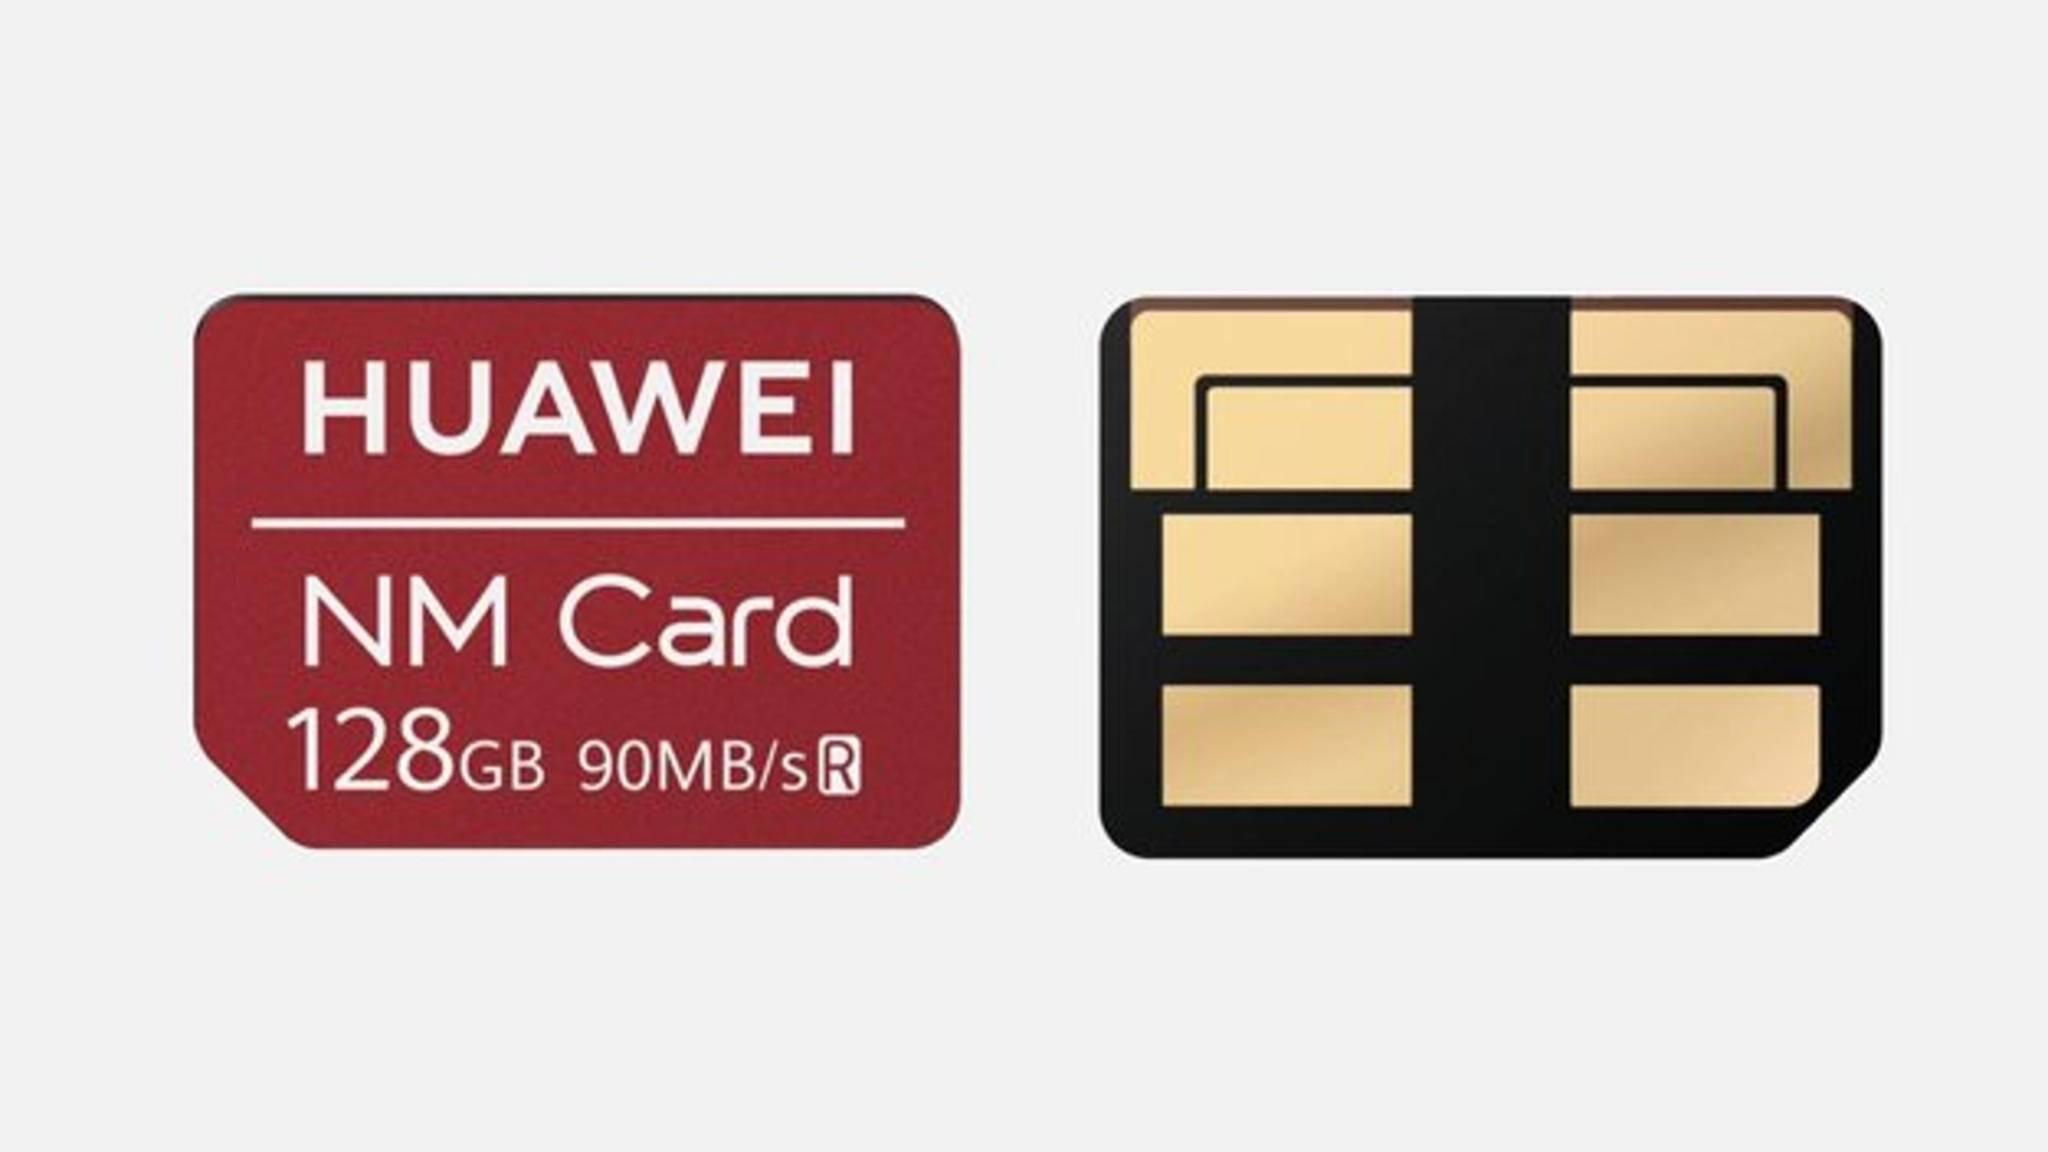 Die Nano Memory Card ist ein neues Speicherkartenformat von Huawei.